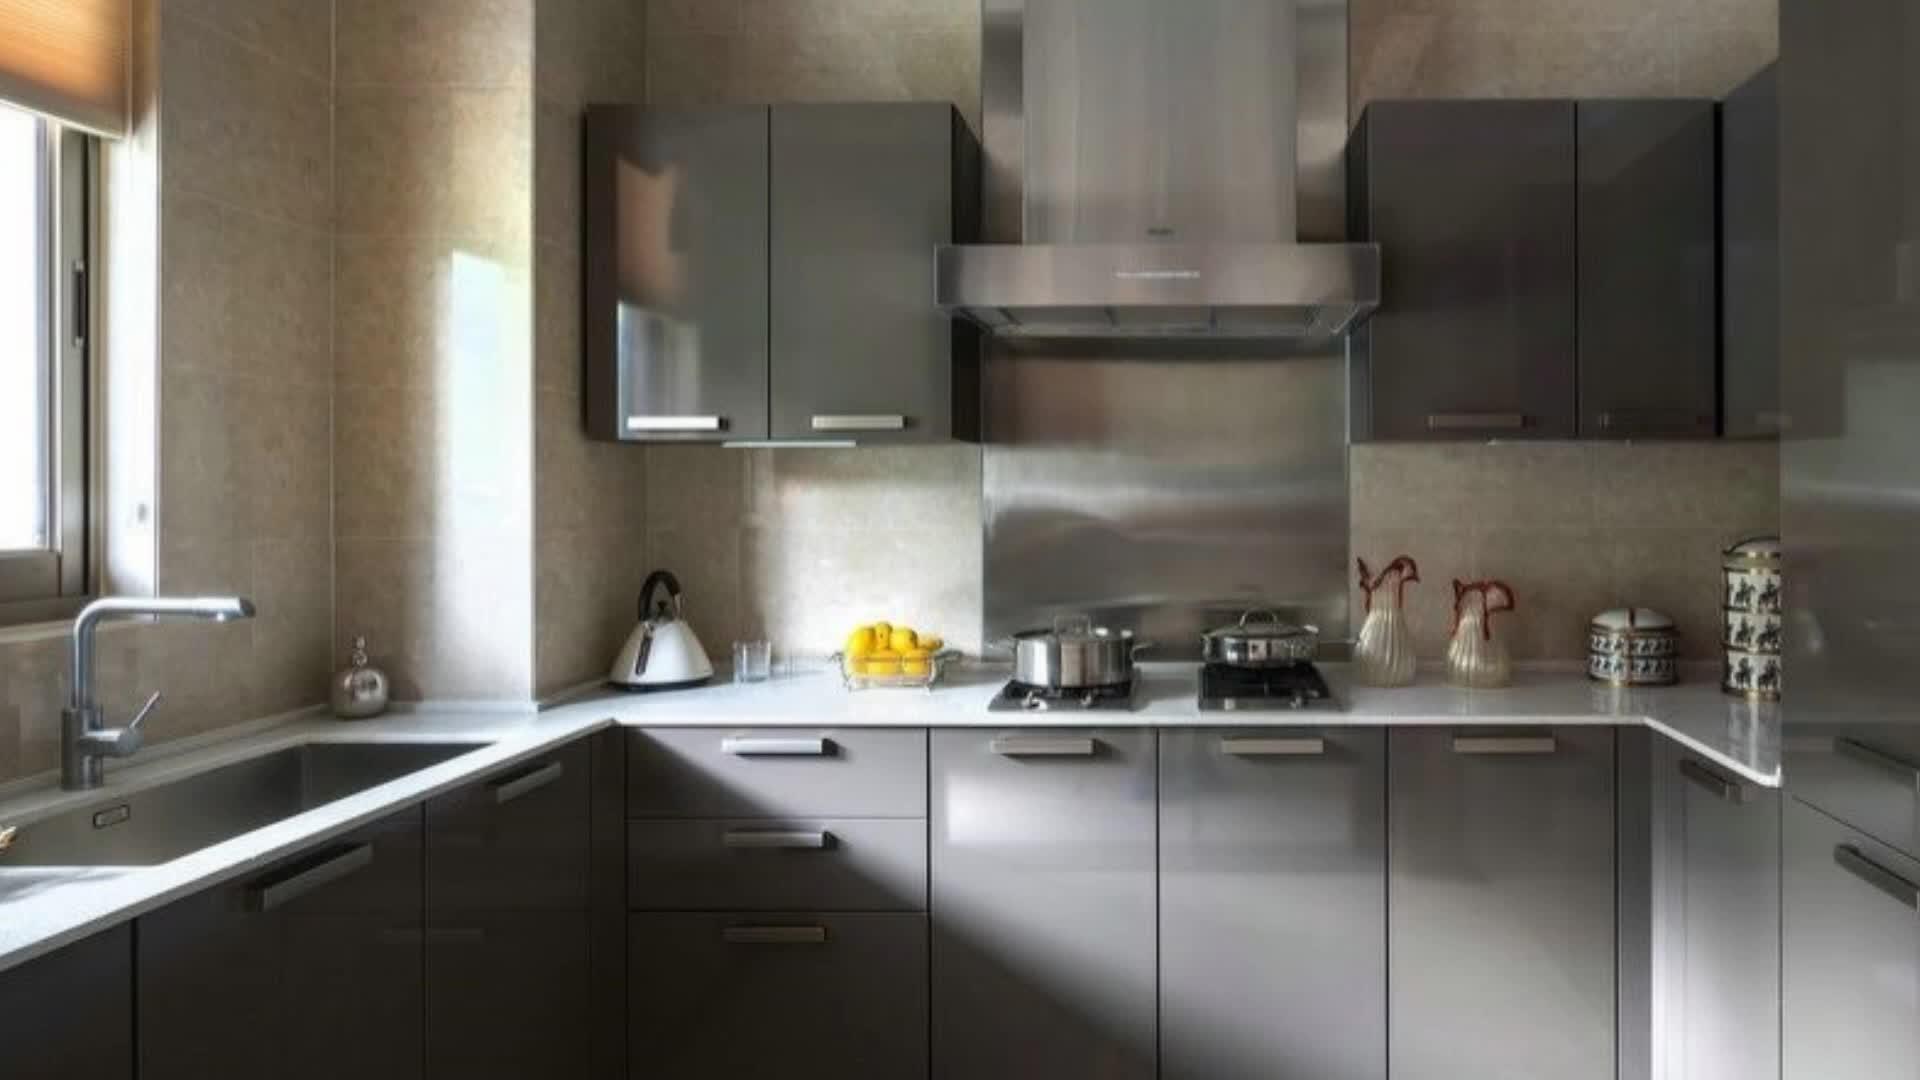 Hohe Härte Uv Funished Möbel-hochglanzsperrholz-modulare Küche Ohne ...